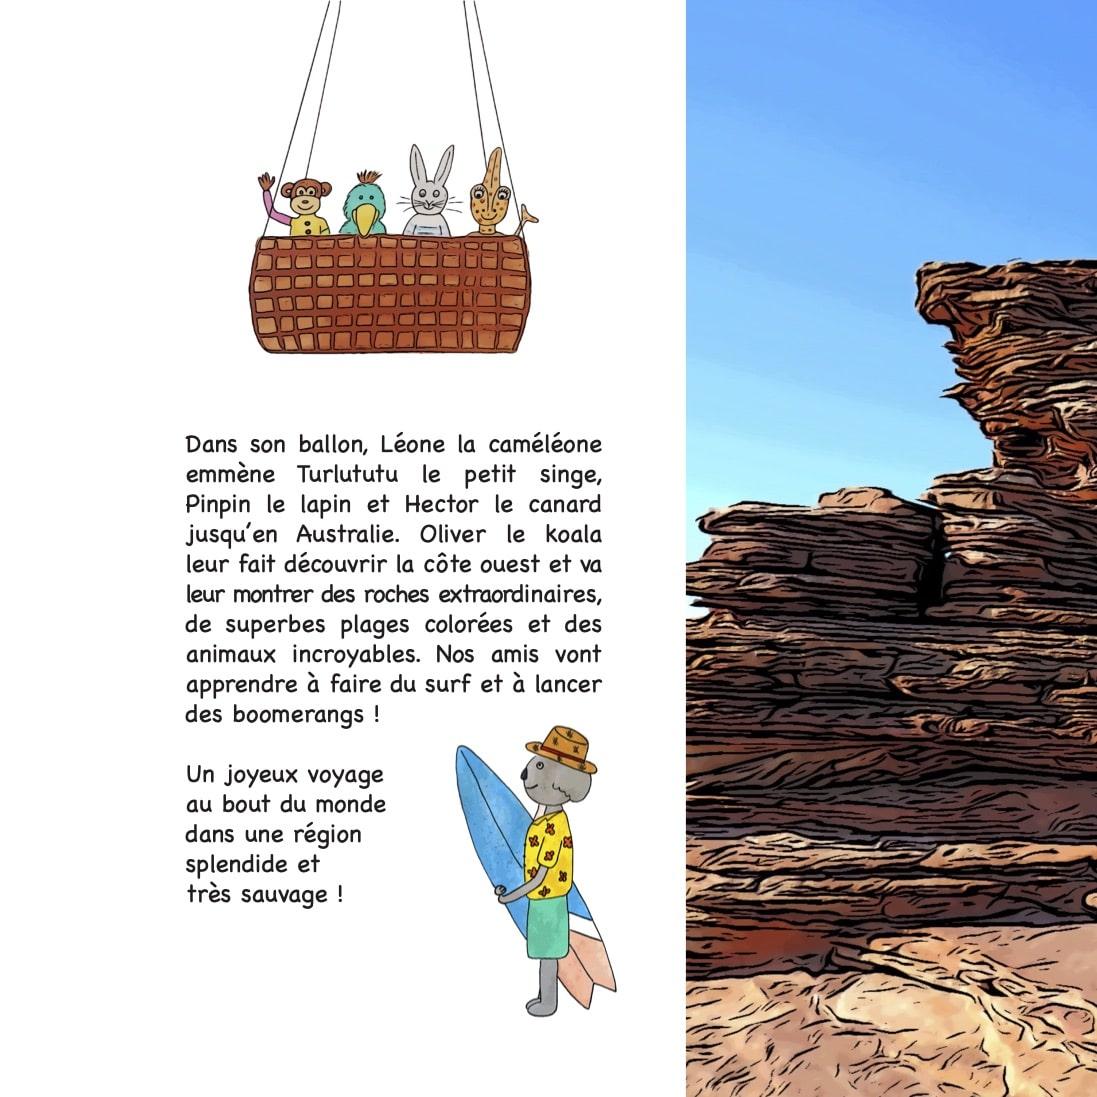 Photo du 4ème de couverture contenant le résumé du livre Chasseurs de pierres en Australie